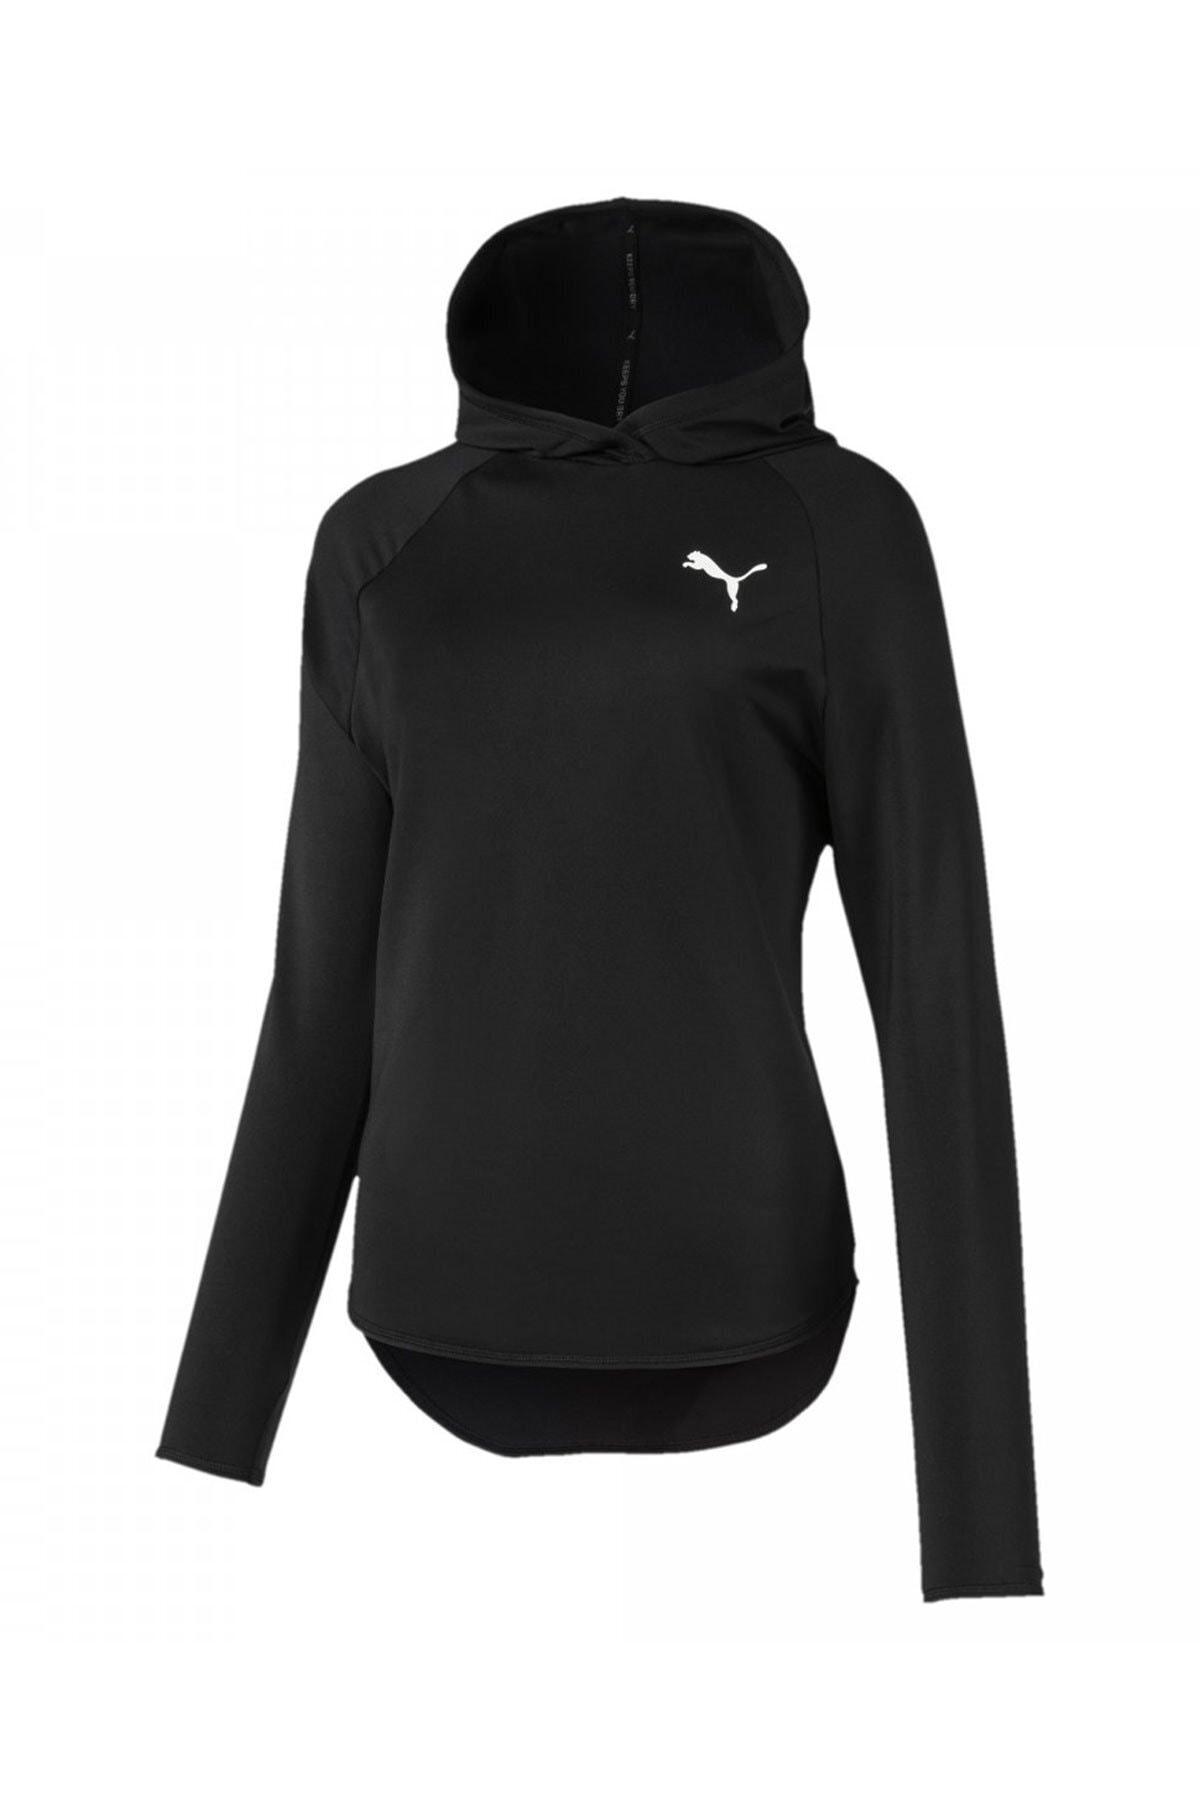 خرید انلاین گرمکن ورزشی جدید زنانه شیک برند Puma رنگ مشکی کد ty3440374